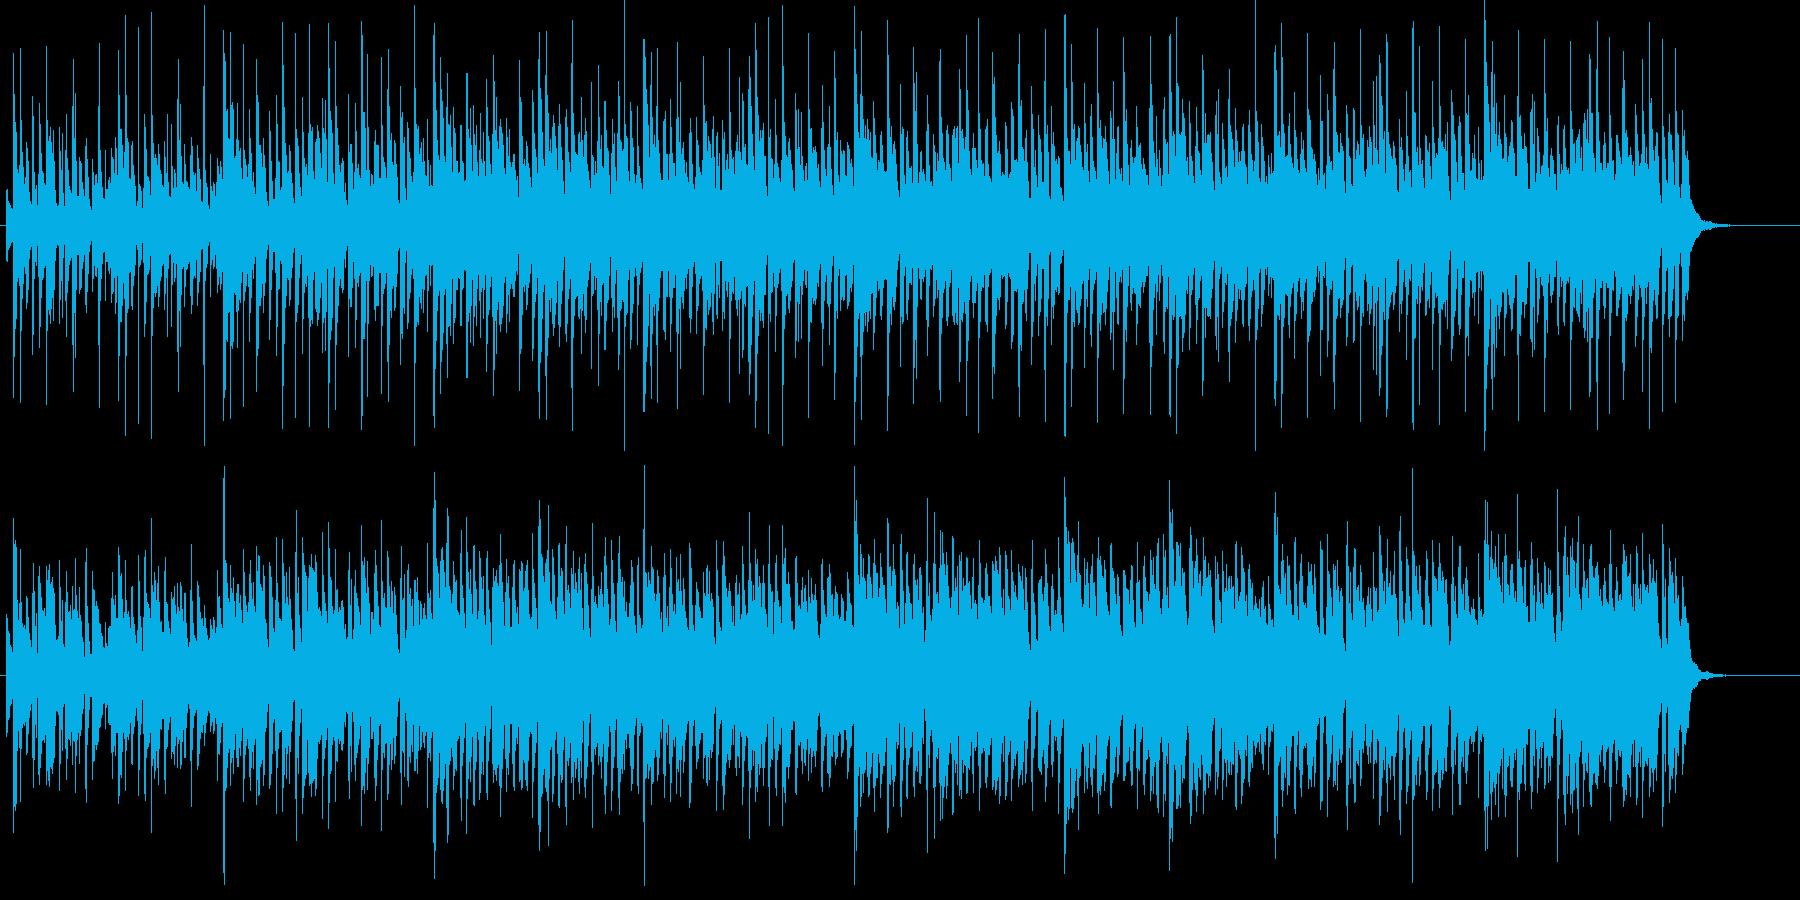 ハロウィンやミステリ向けの怪しげな旋律の再生済みの波形